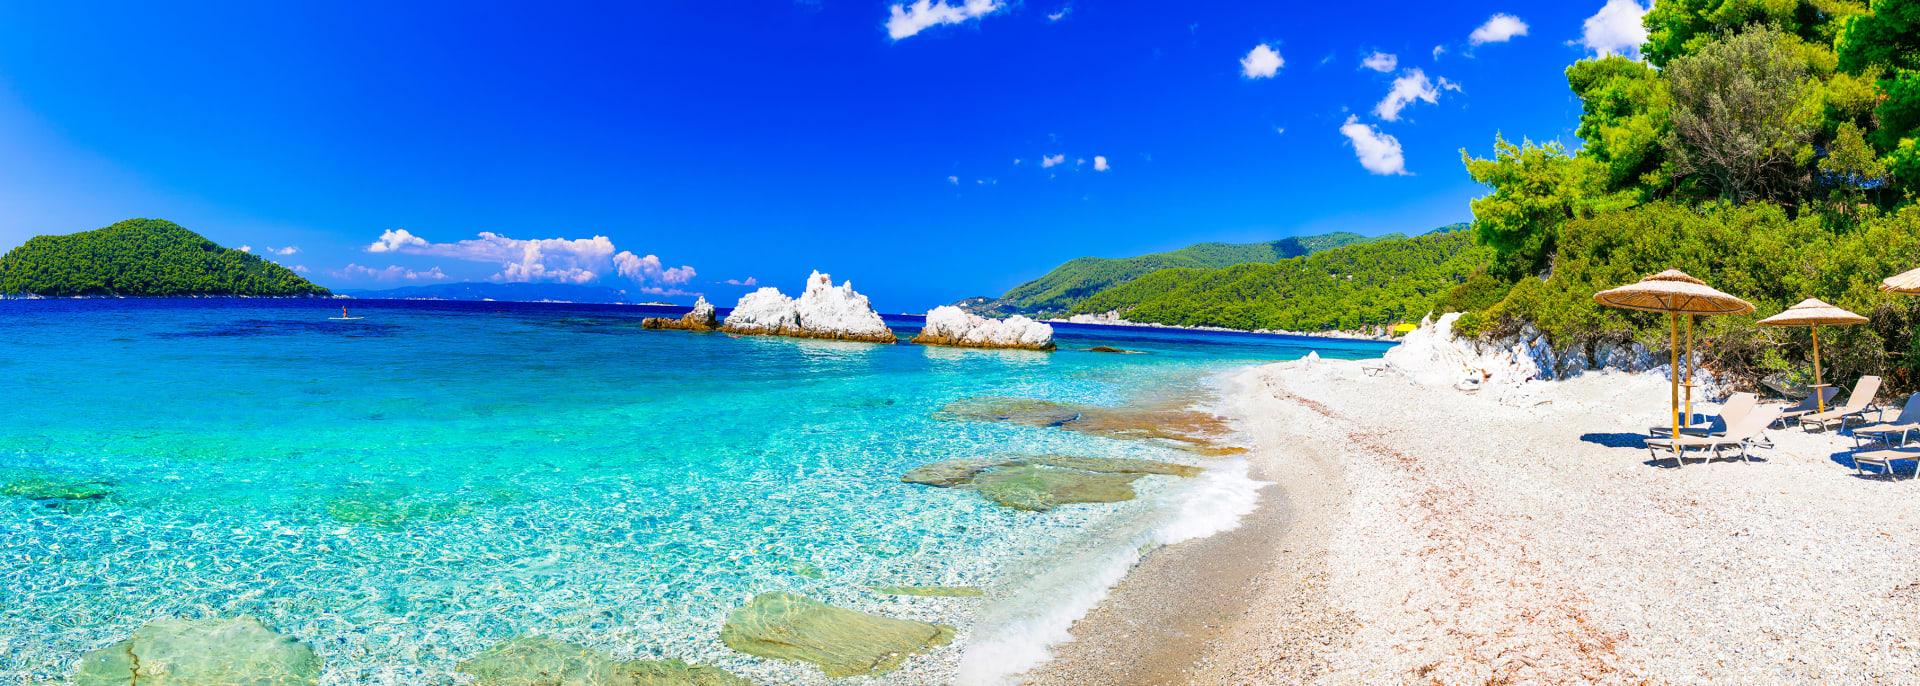 Griechenland, Strand